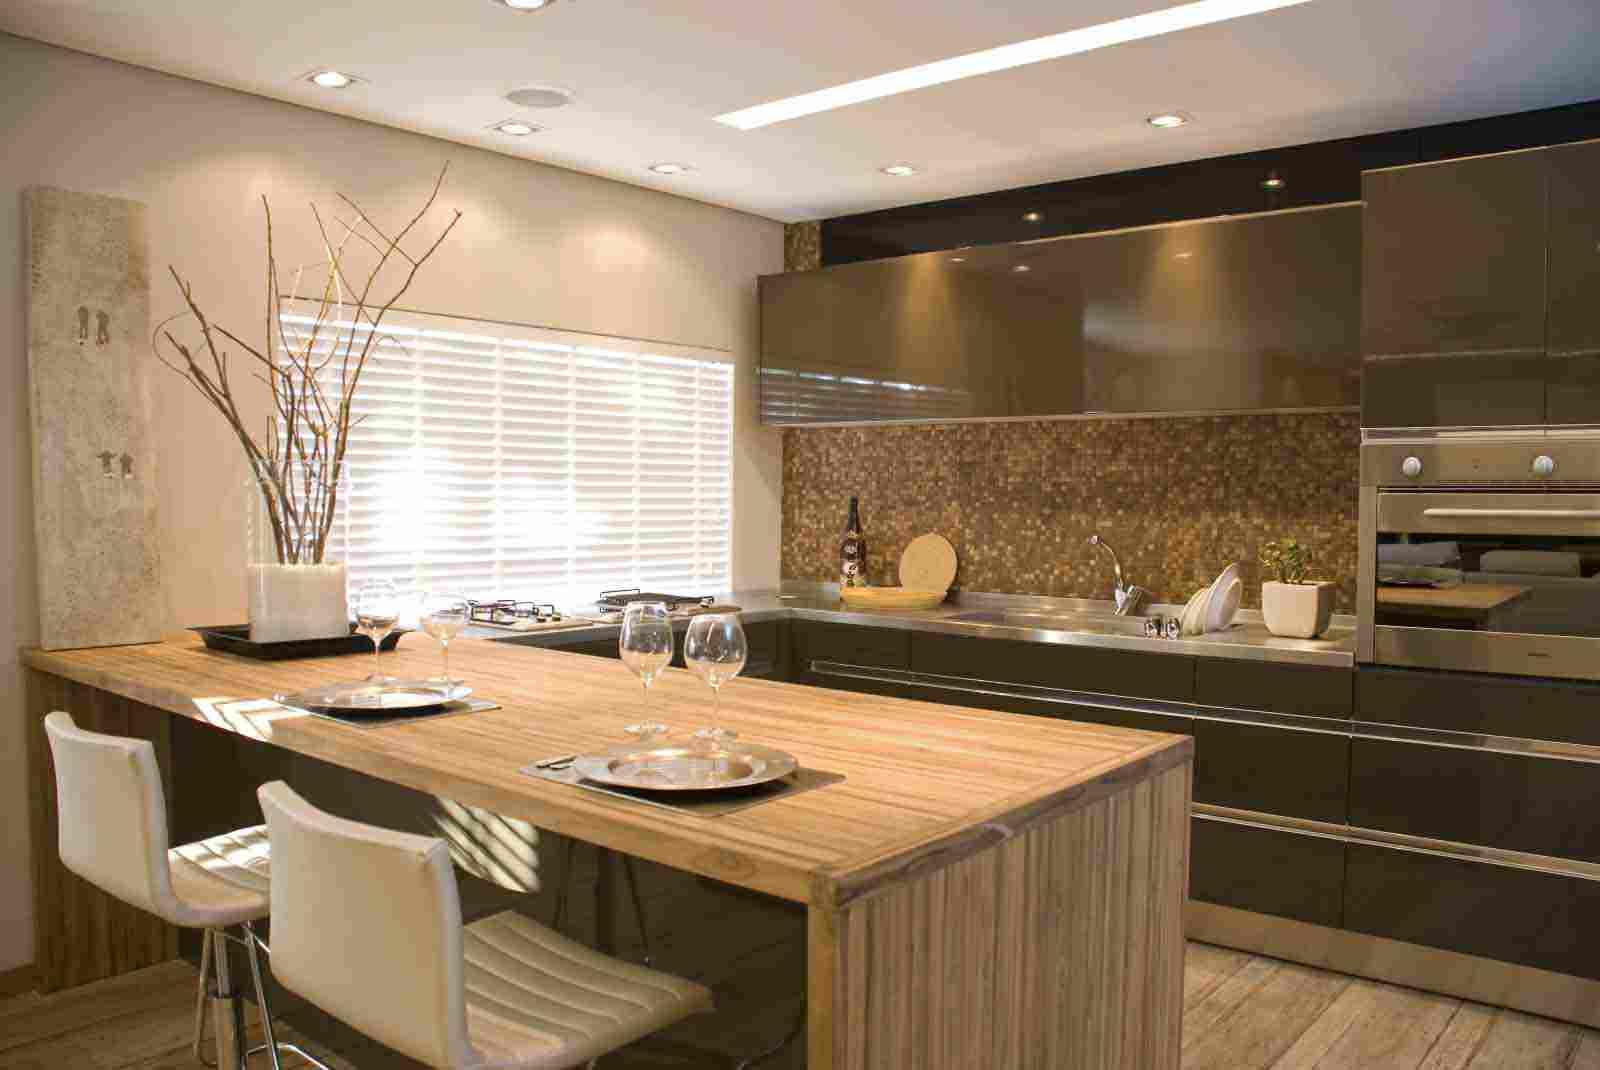 Apartamentos de luxo: trabalho forte na decoração #936638 1600 1070